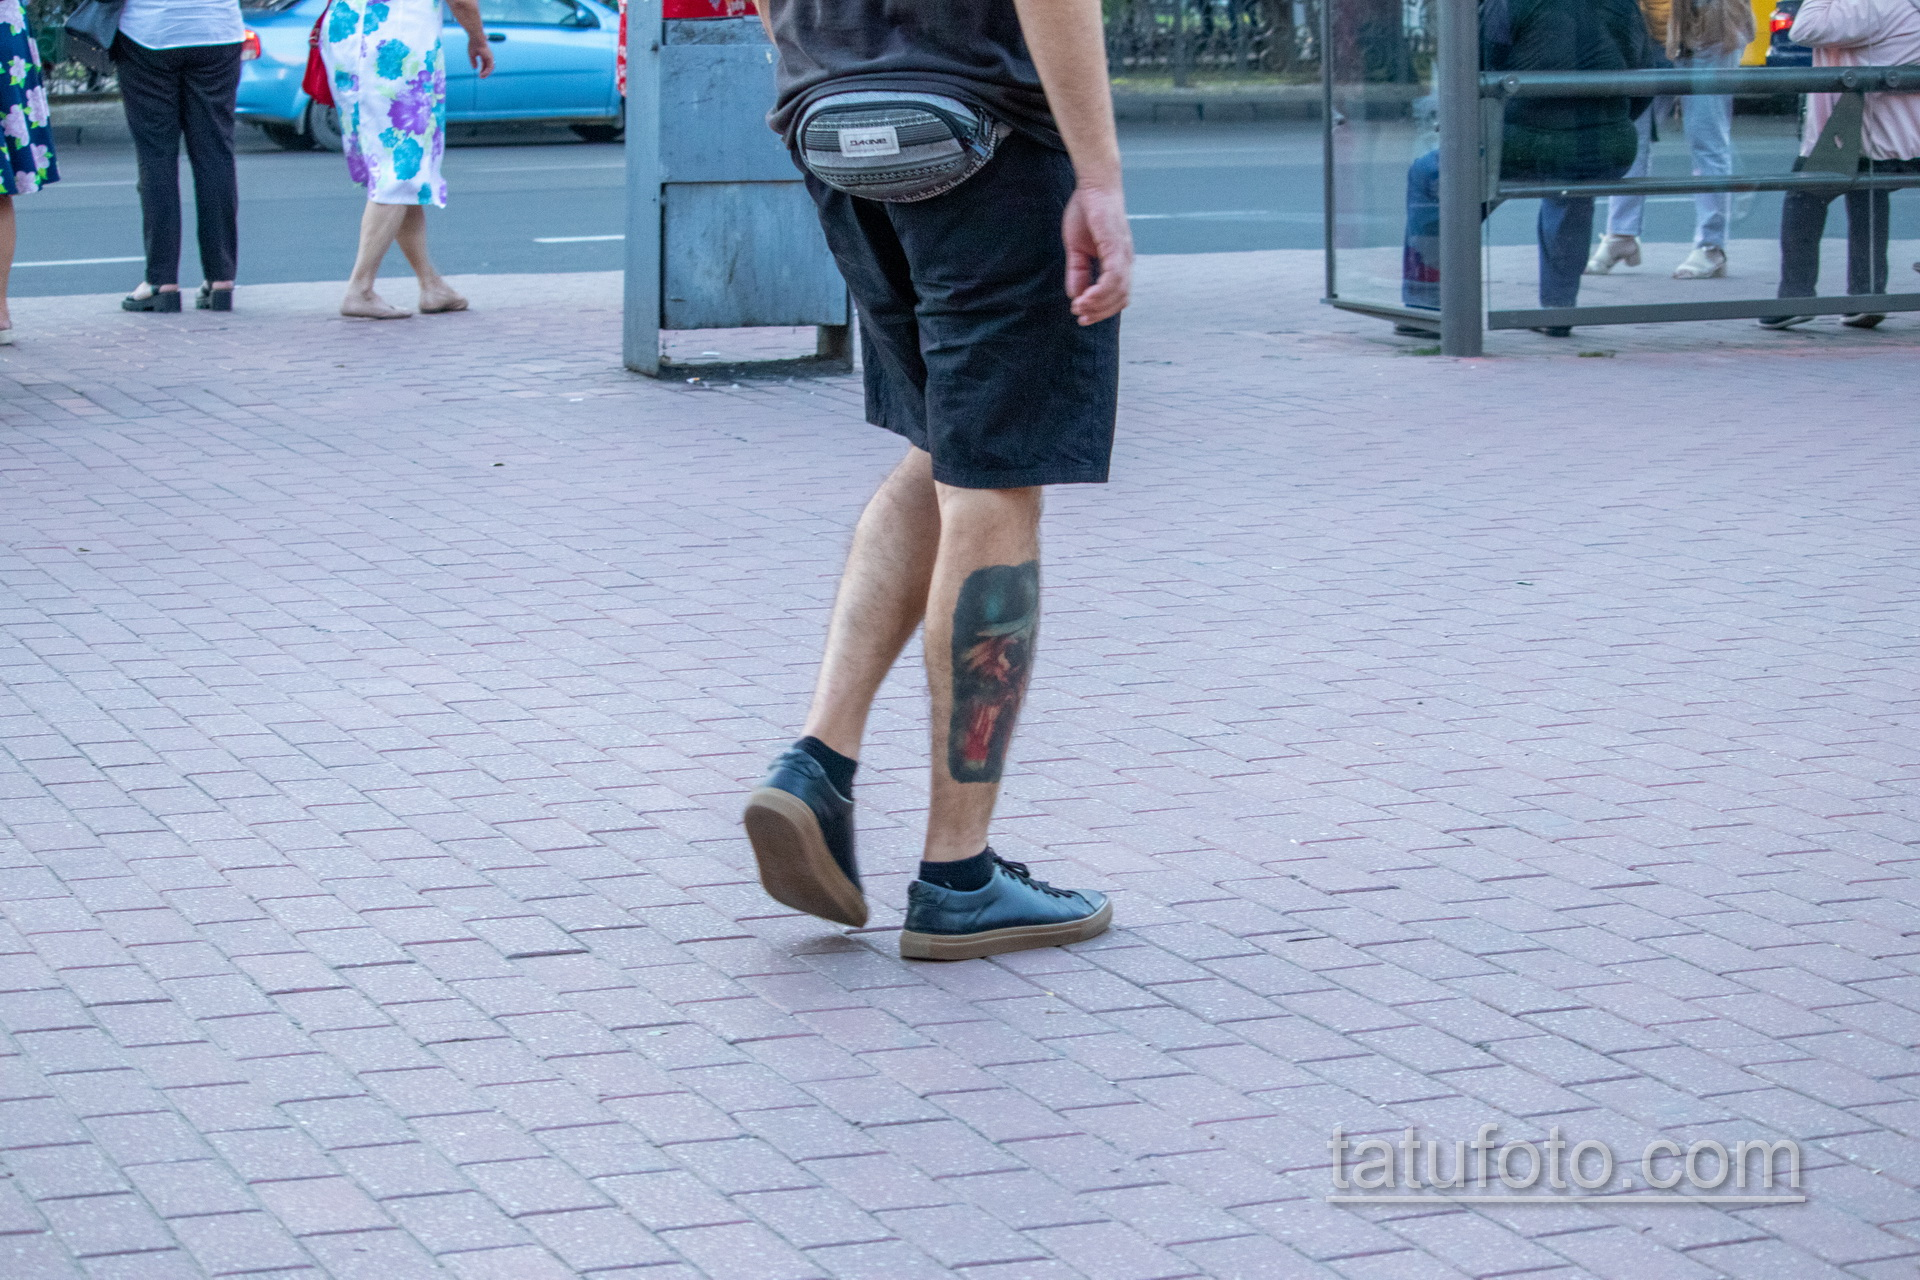 Цветная тату на икре и голени парня - Уличная татуировка 14.09.2020 – tatufoto.com 3